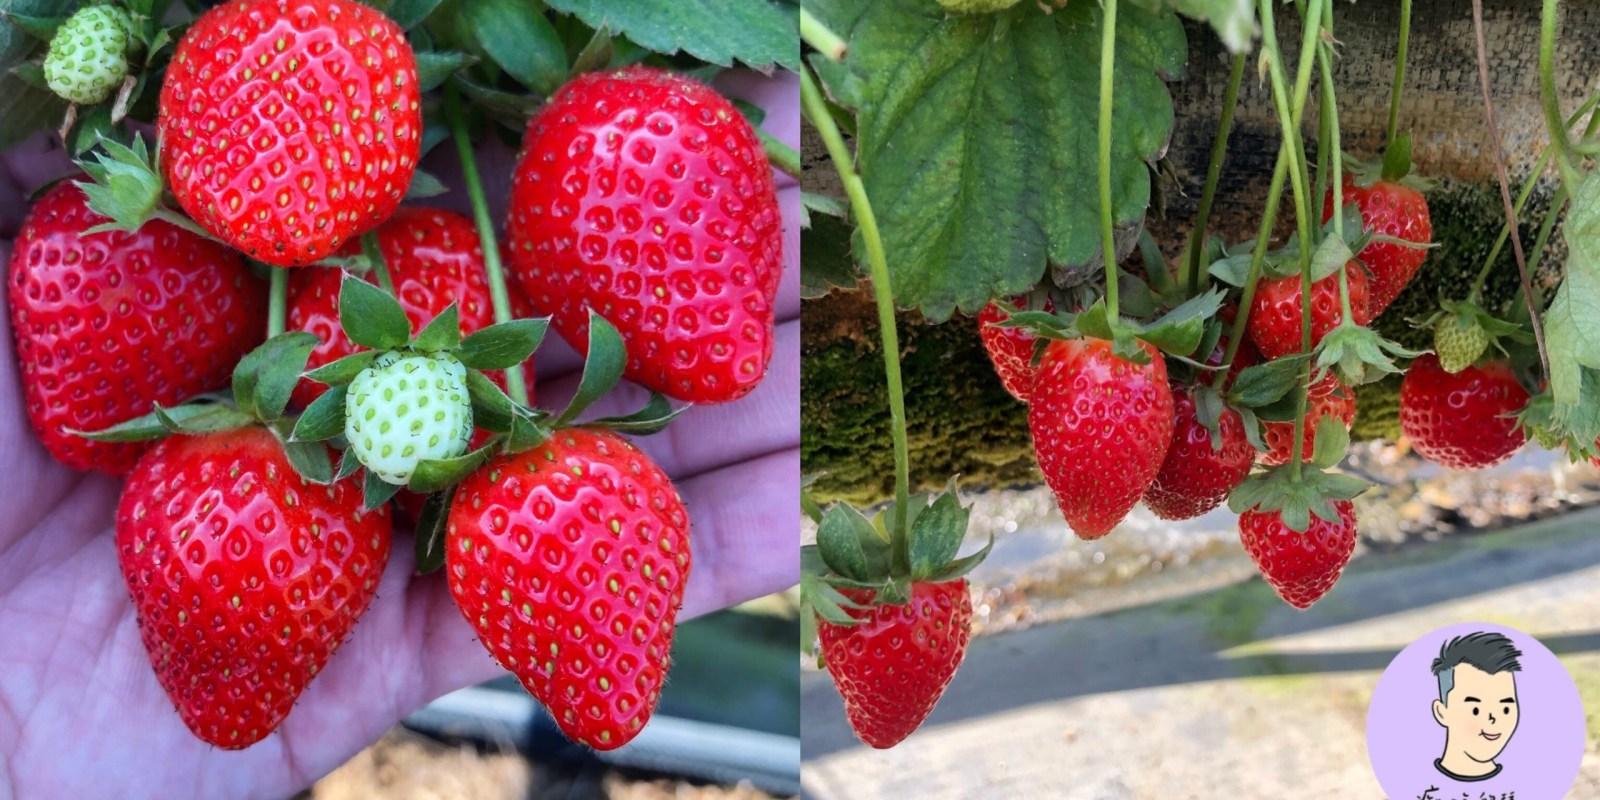 【台南採草莓】美裕草莓園 DIY採草莓入園免門票!! 親子旅遊好去處 還有賣草莓香腸/冷凍草莓 美裕高架草莓園